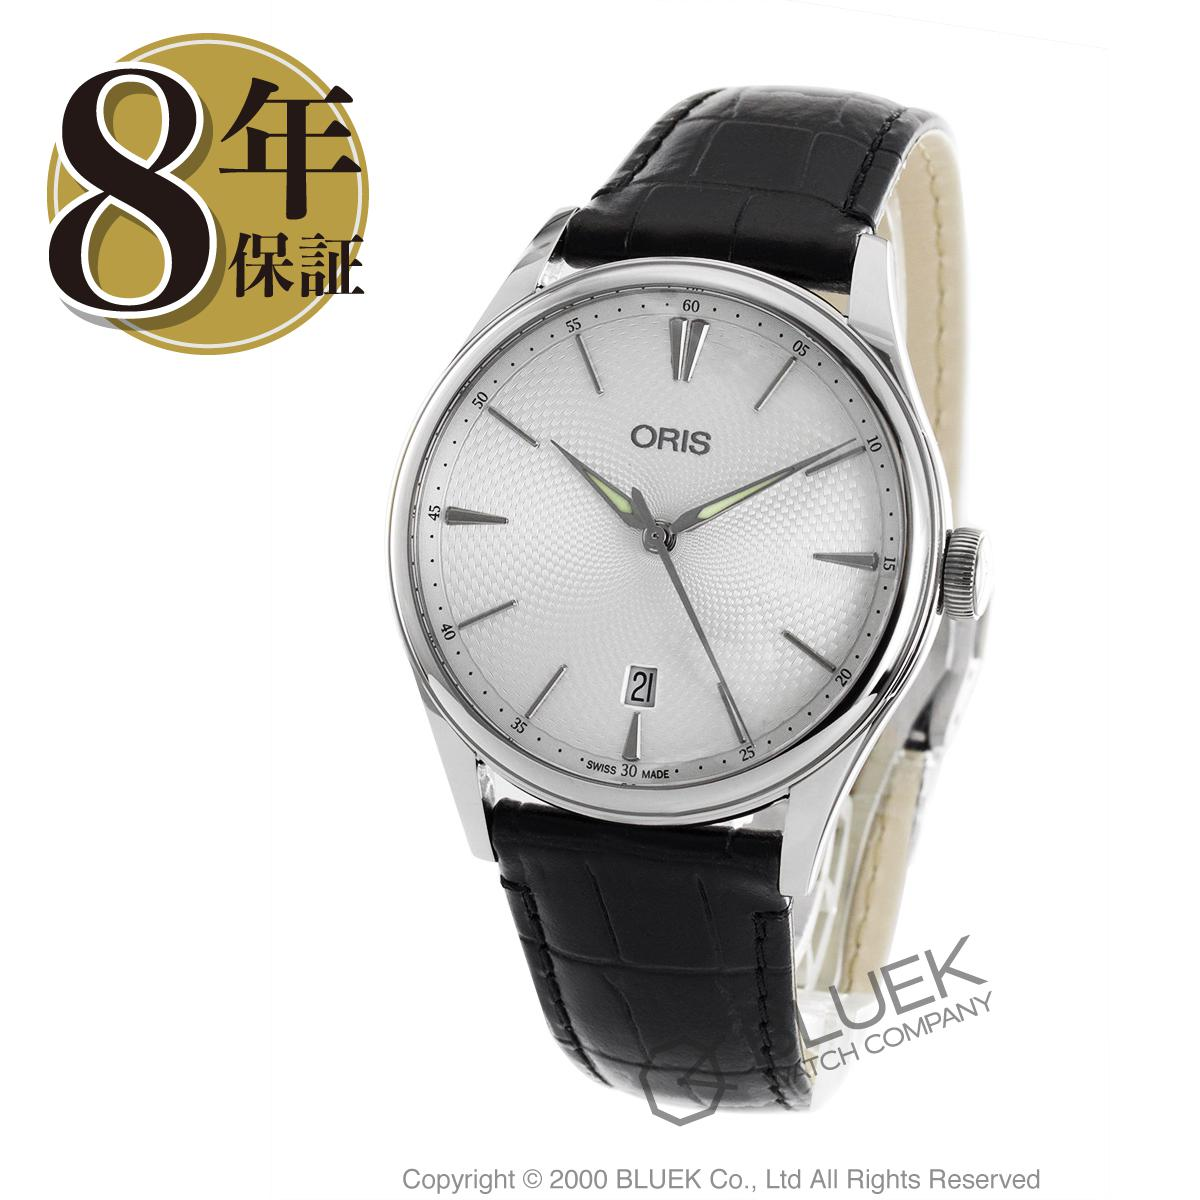 オリス ORIS 腕時計 アートリエ デイト メンズ 733 7721 4051D_8